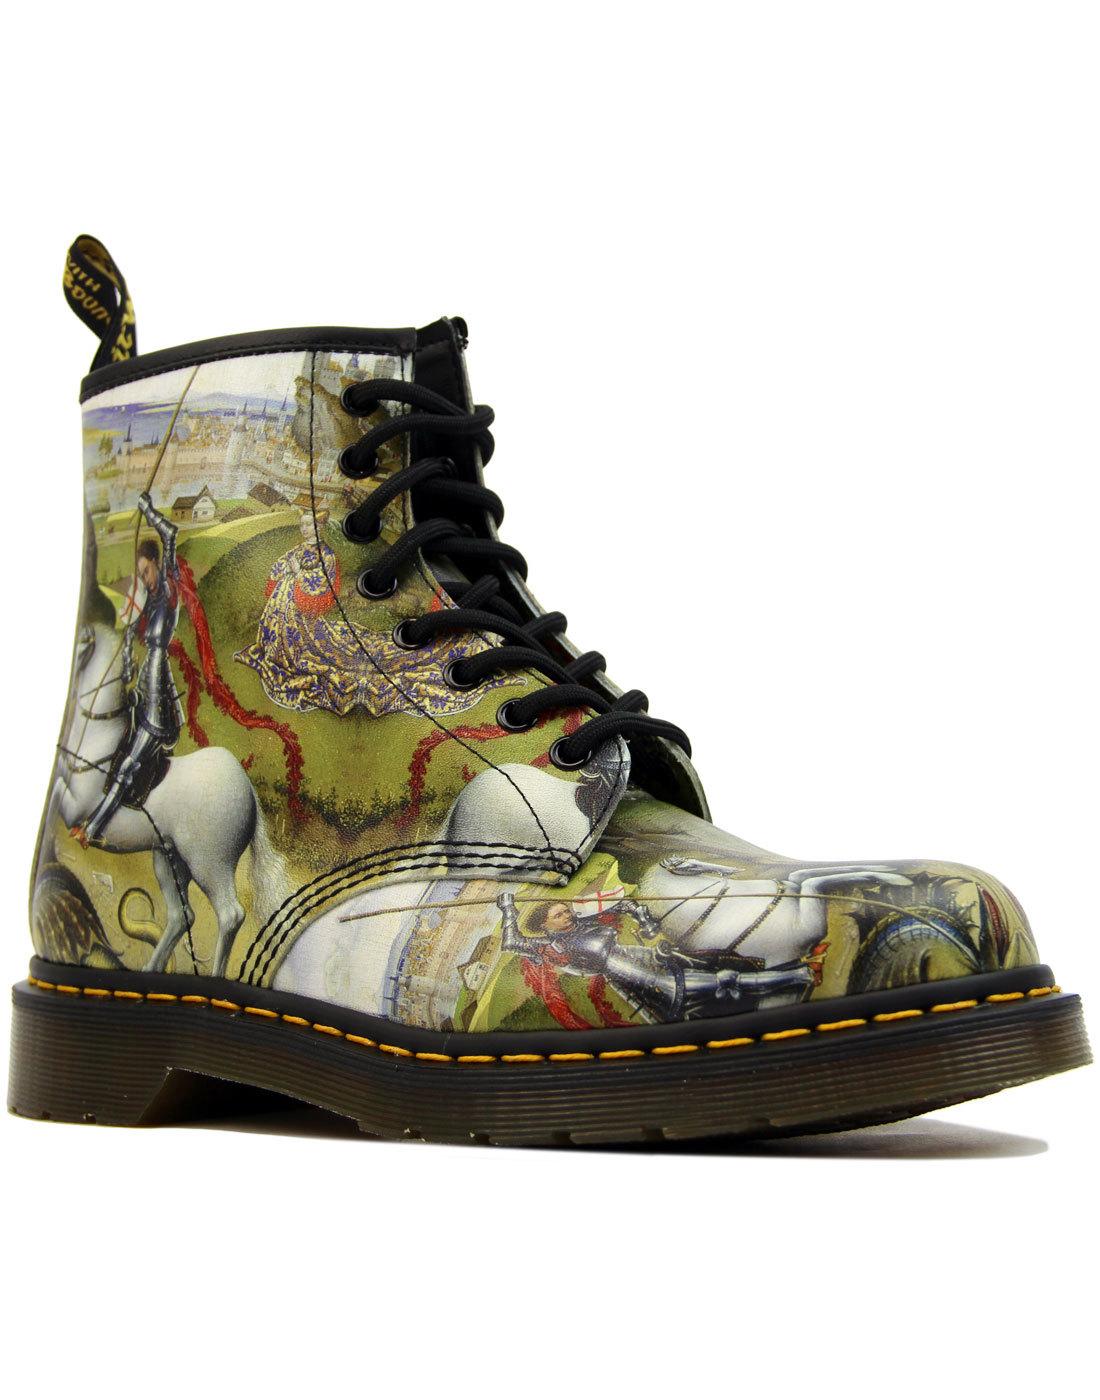 628809d00d4 DR MARTENS 1460 Saint George And The Dragon Men's Mod Boots